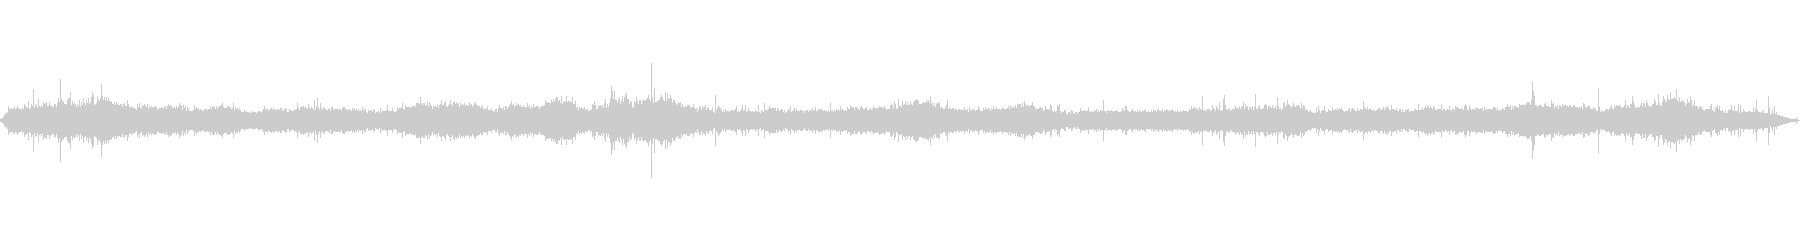 岩場の波音の未再生の波形